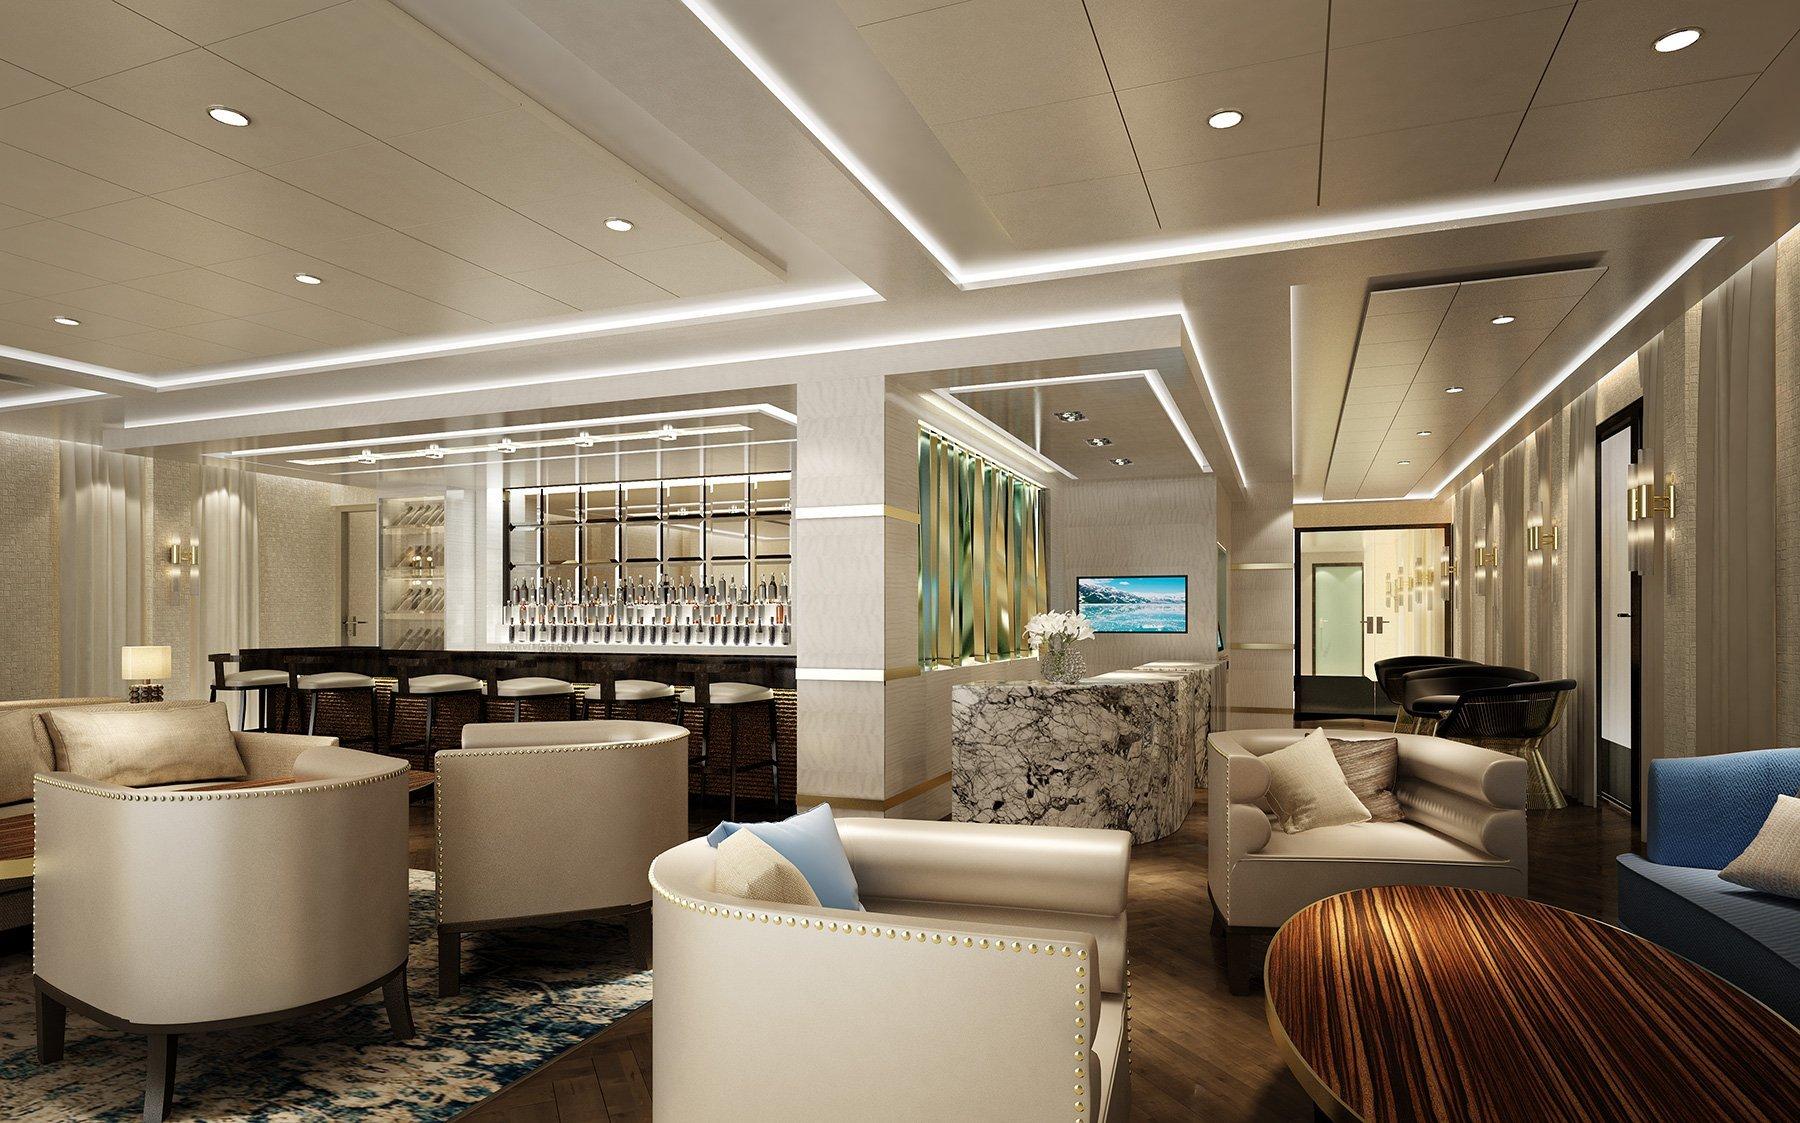 Norwegian Cruise Line S Norwegian Bliss To Sail From Miami